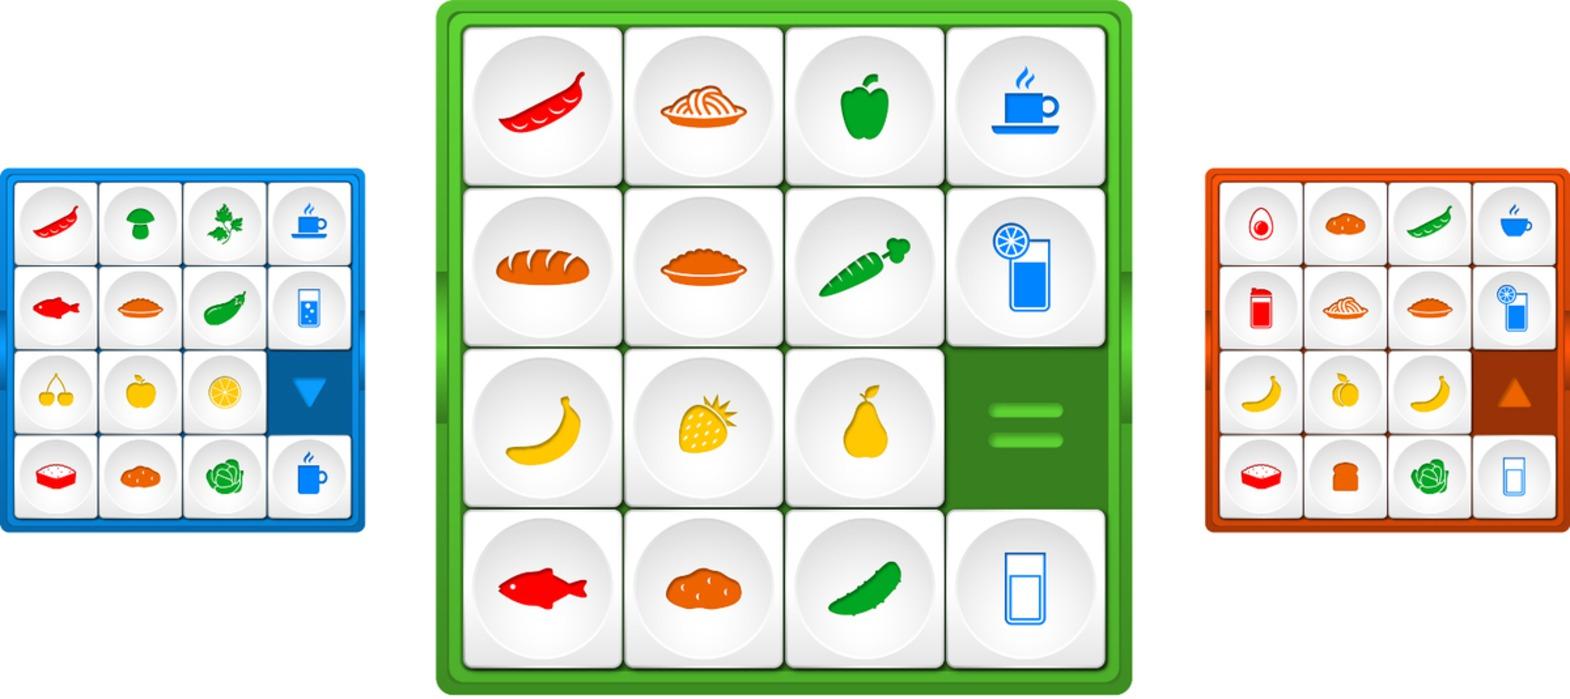 Схема Диеты Пятнашки. Рациональный рецепт стройности: диета «Пятнашки» с меню, результатами и отзывами